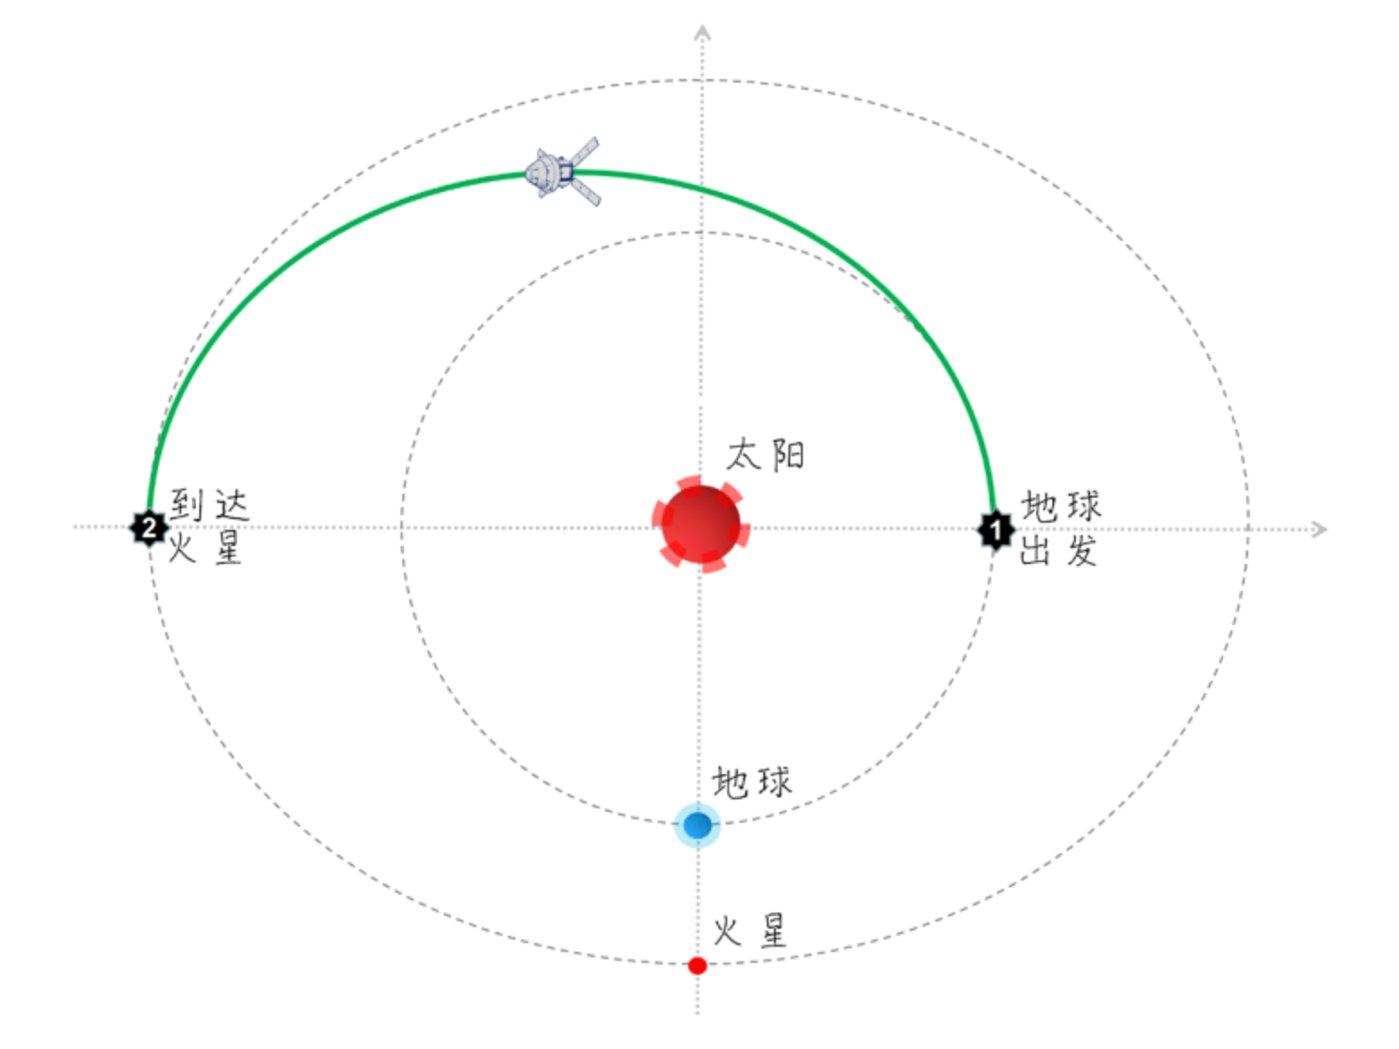 从地球到火星的霍曼转移 图/科普中国